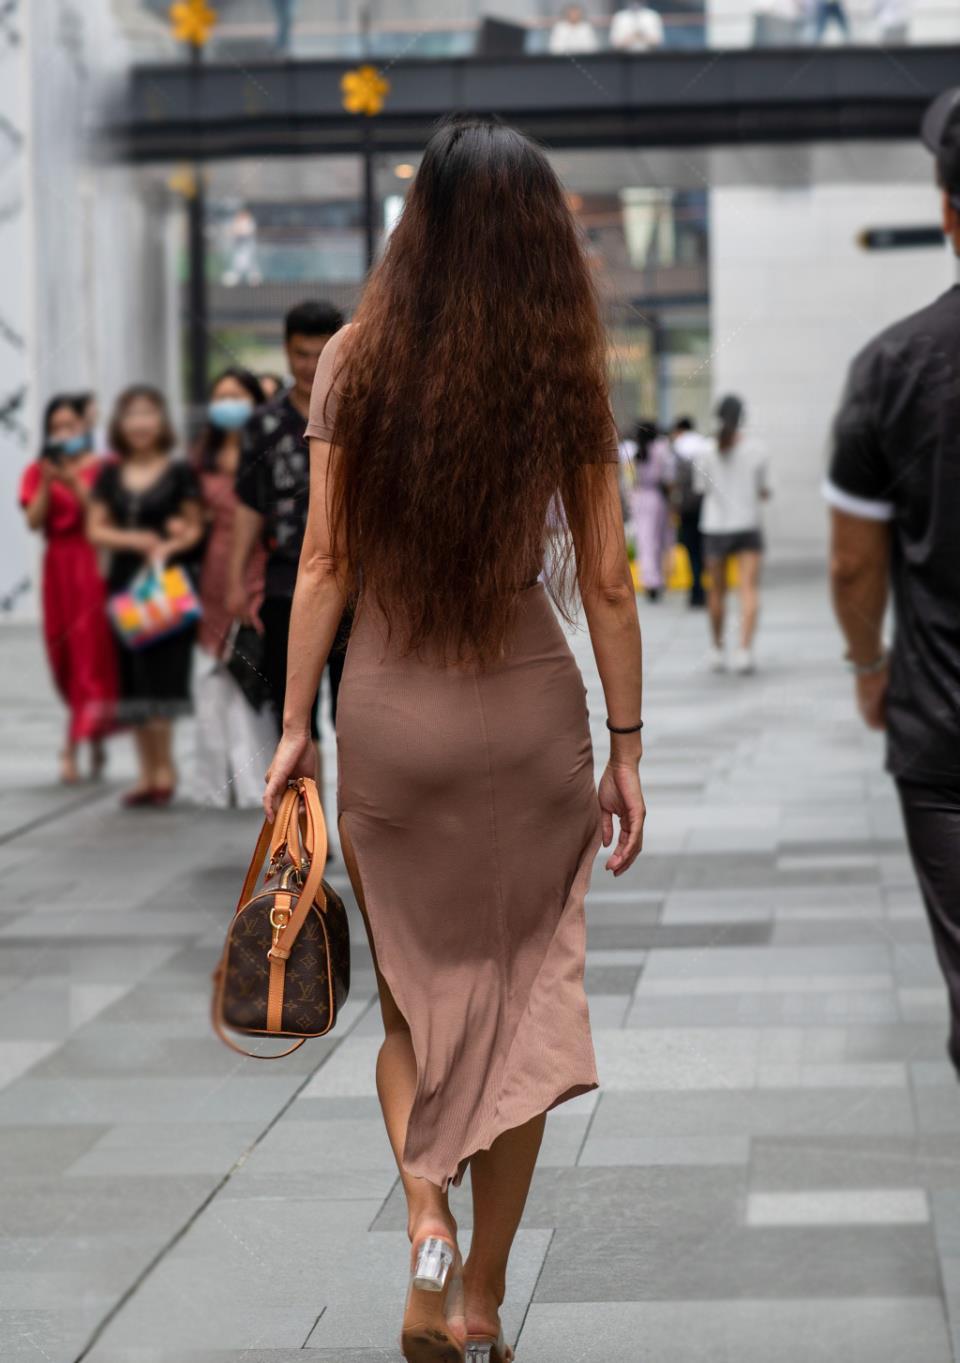 夏季少不了的莫代尔裙,清爽雅致又显曼妙身姿,成熟美丽就这么穿